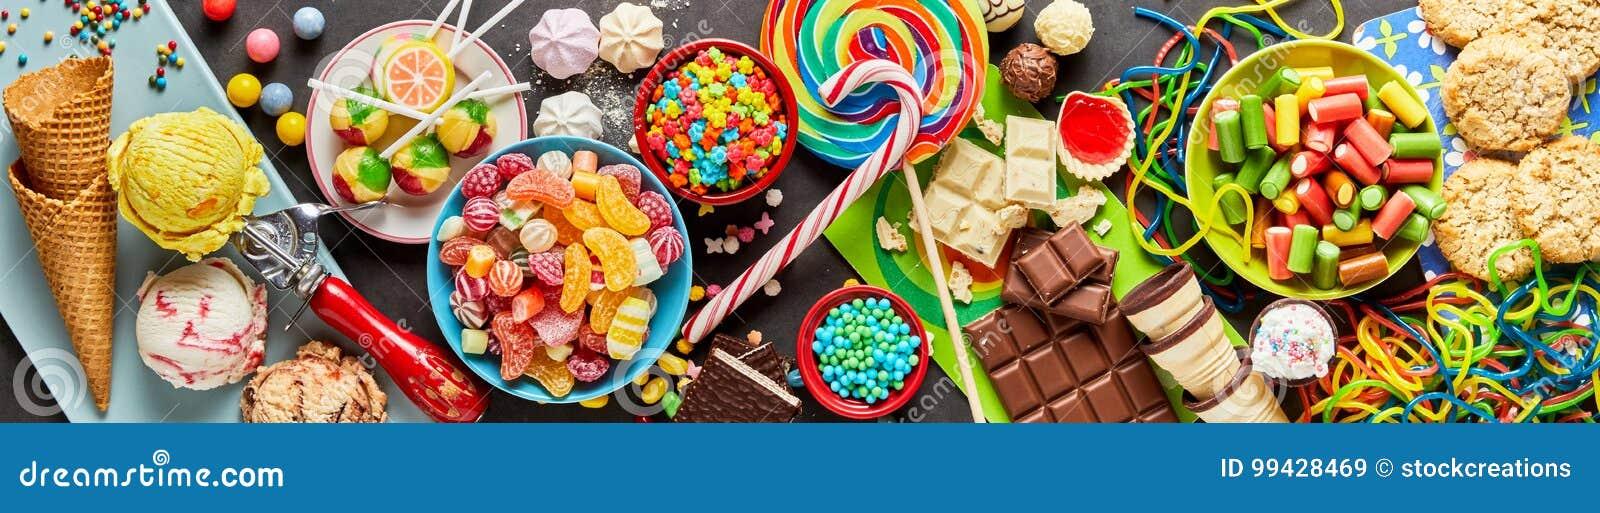 Assortiment van kleurrijk, feestelijk snoepjes en suikergoed